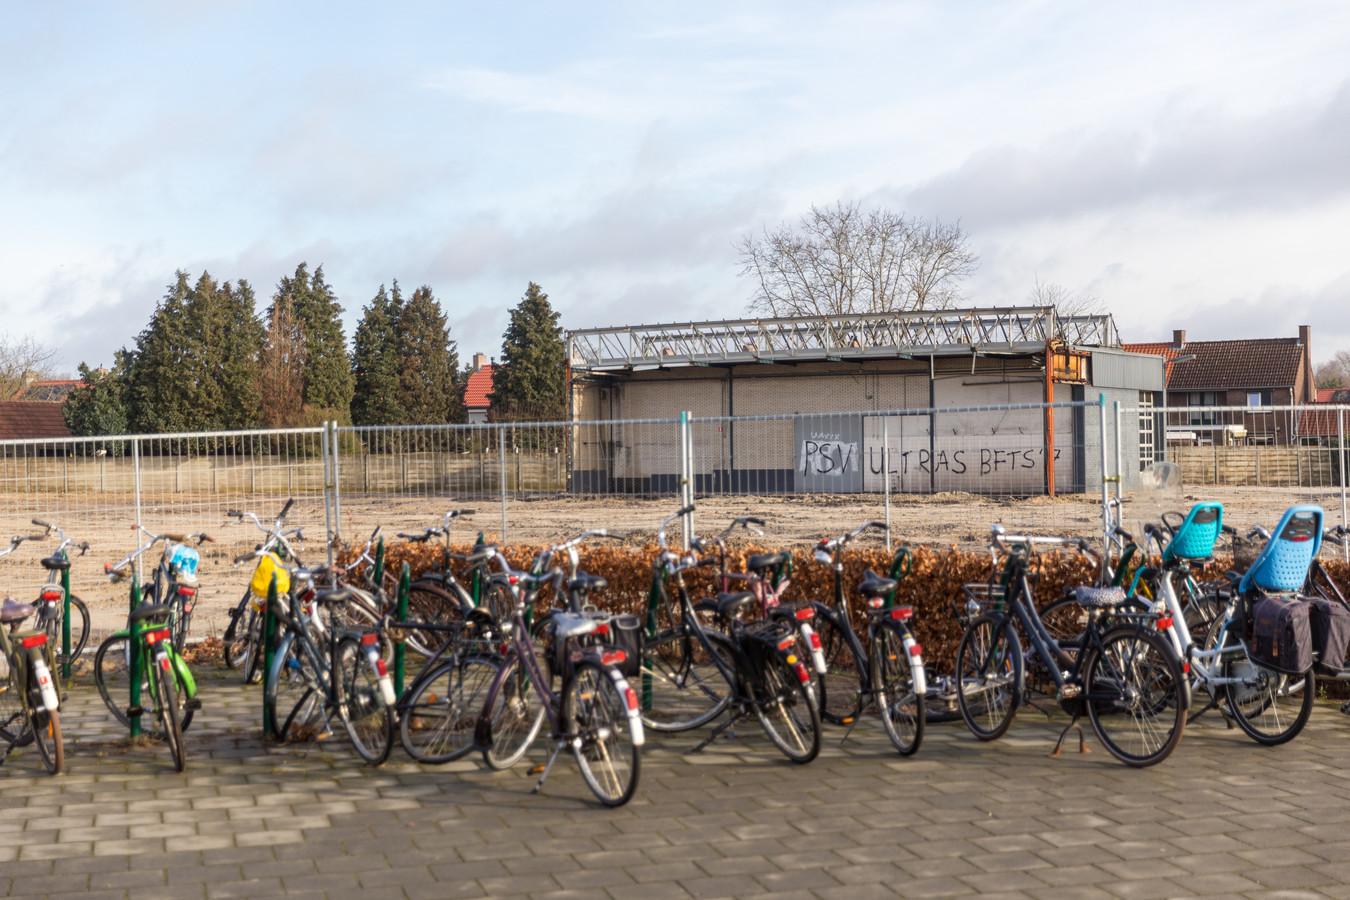 Op het voormalige terrein van de Opel-garage van Driessen Autogroep in Valkenswaard wordt in de toekomst een appartementencomplex gebouwd.